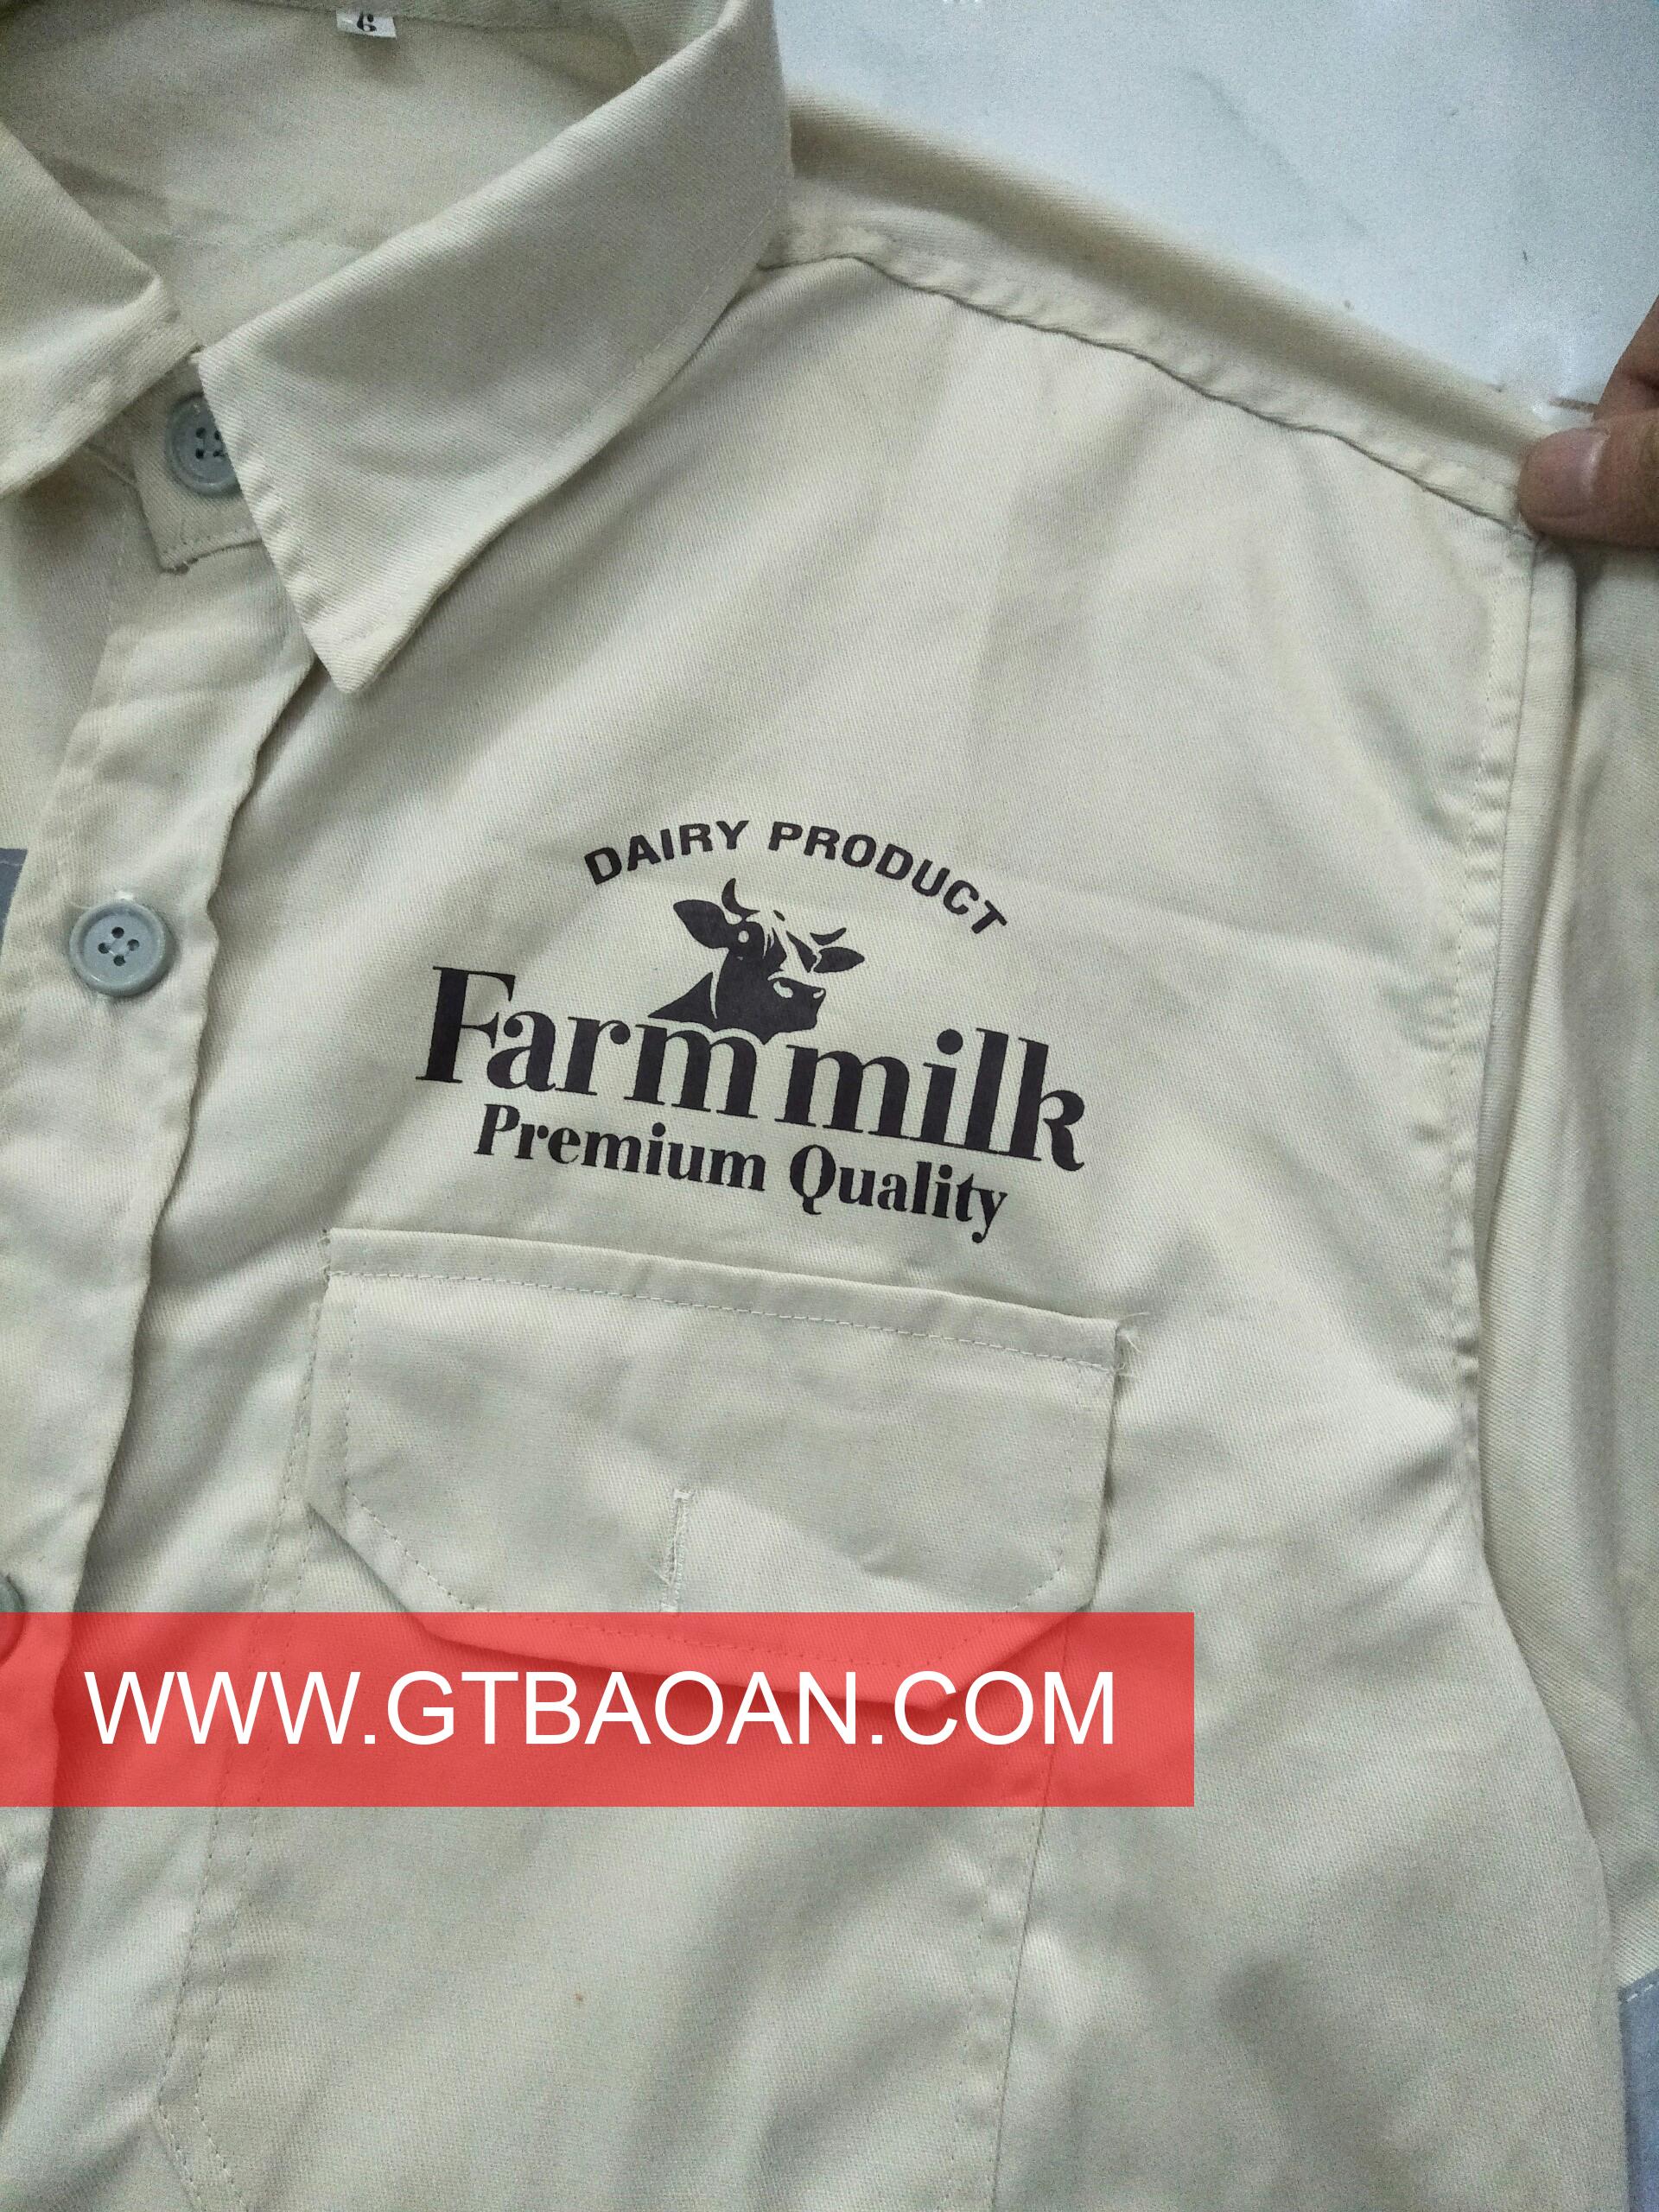 Áo quần bảo hộ lao động tay dài CHẤT kaki 65/35 - công ty Farm milk